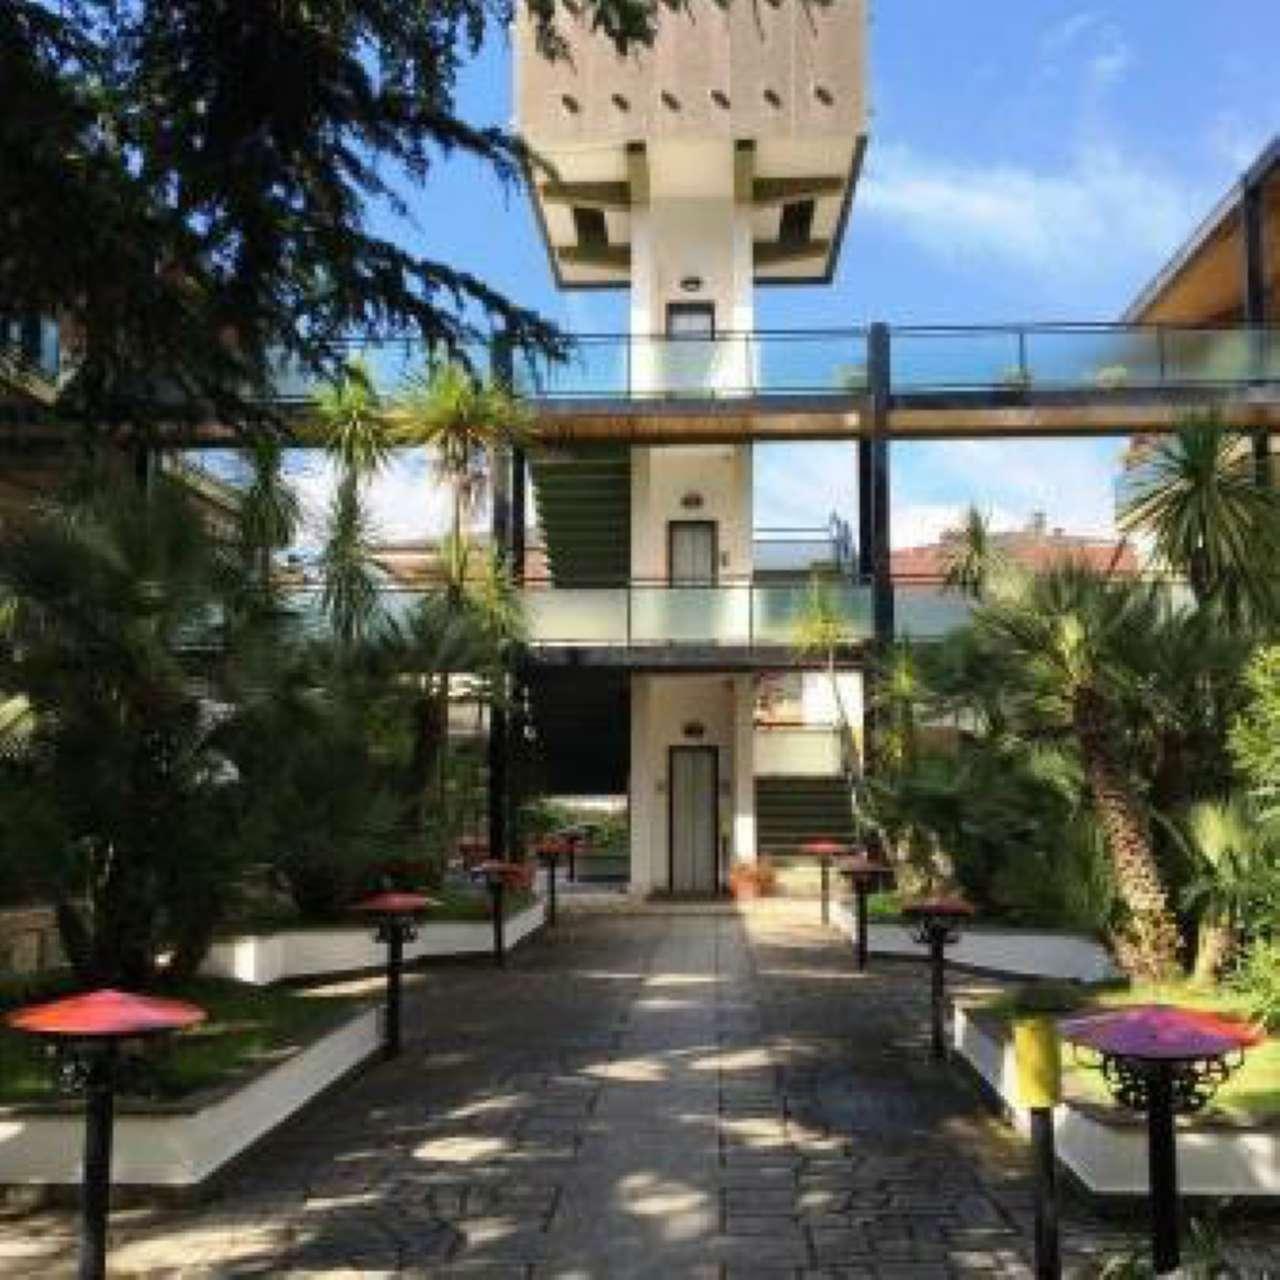 Attico / Mansarda in affitto a Marino, 2 locali, prezzo € 800 | CambioCasa.it